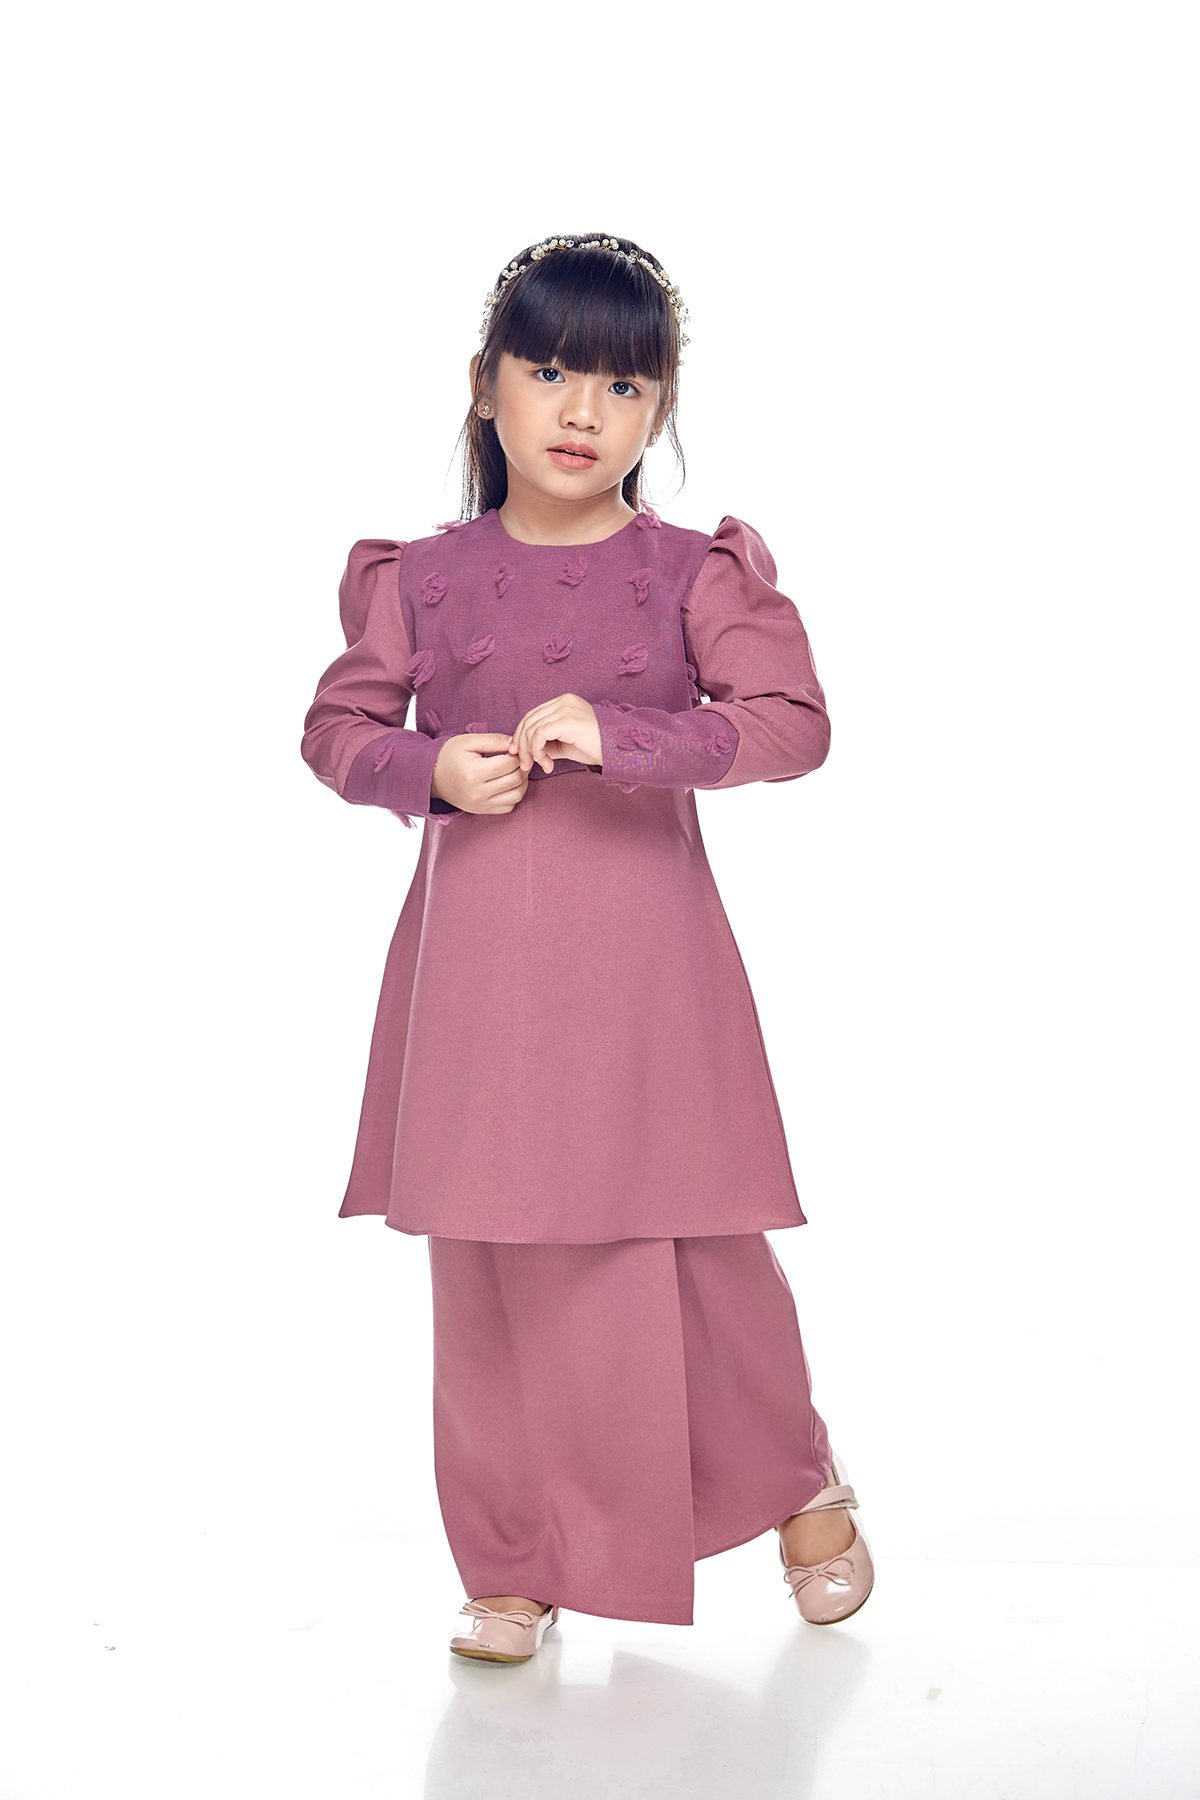 Riau Mulan Kids Plum